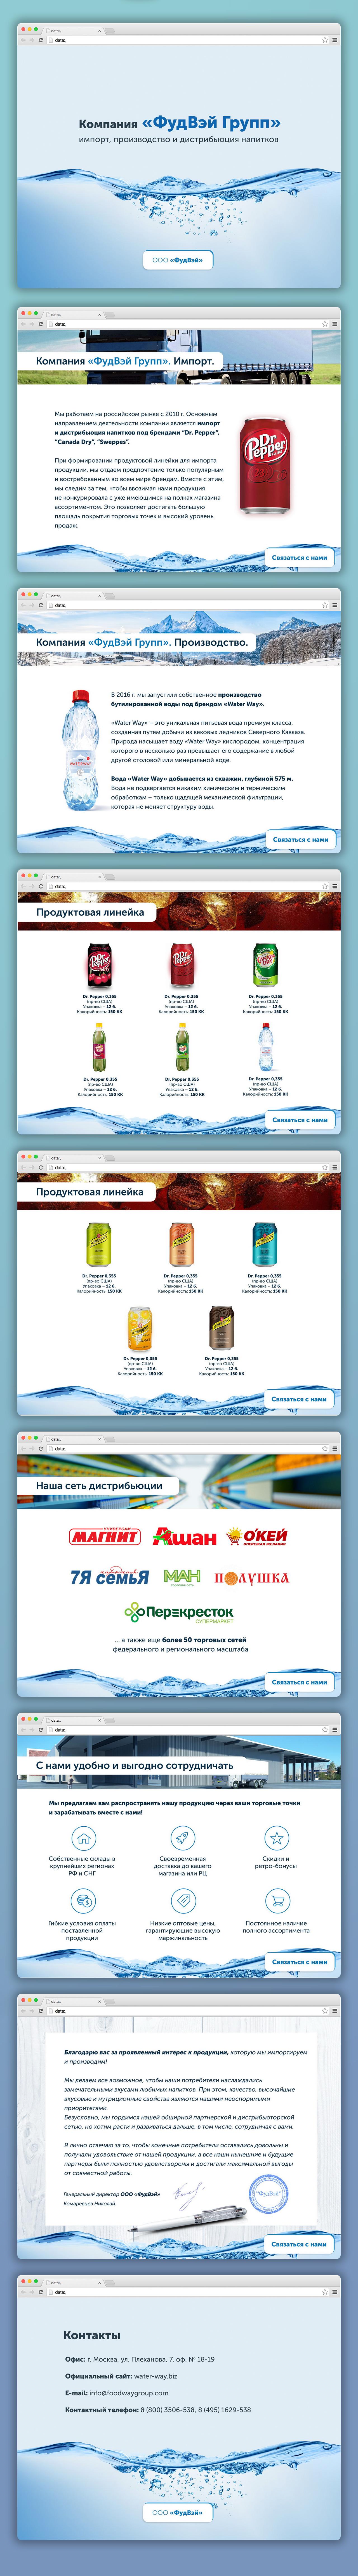 Дизайн презентации для оптово-торговой компании Фуд Вэй Групп